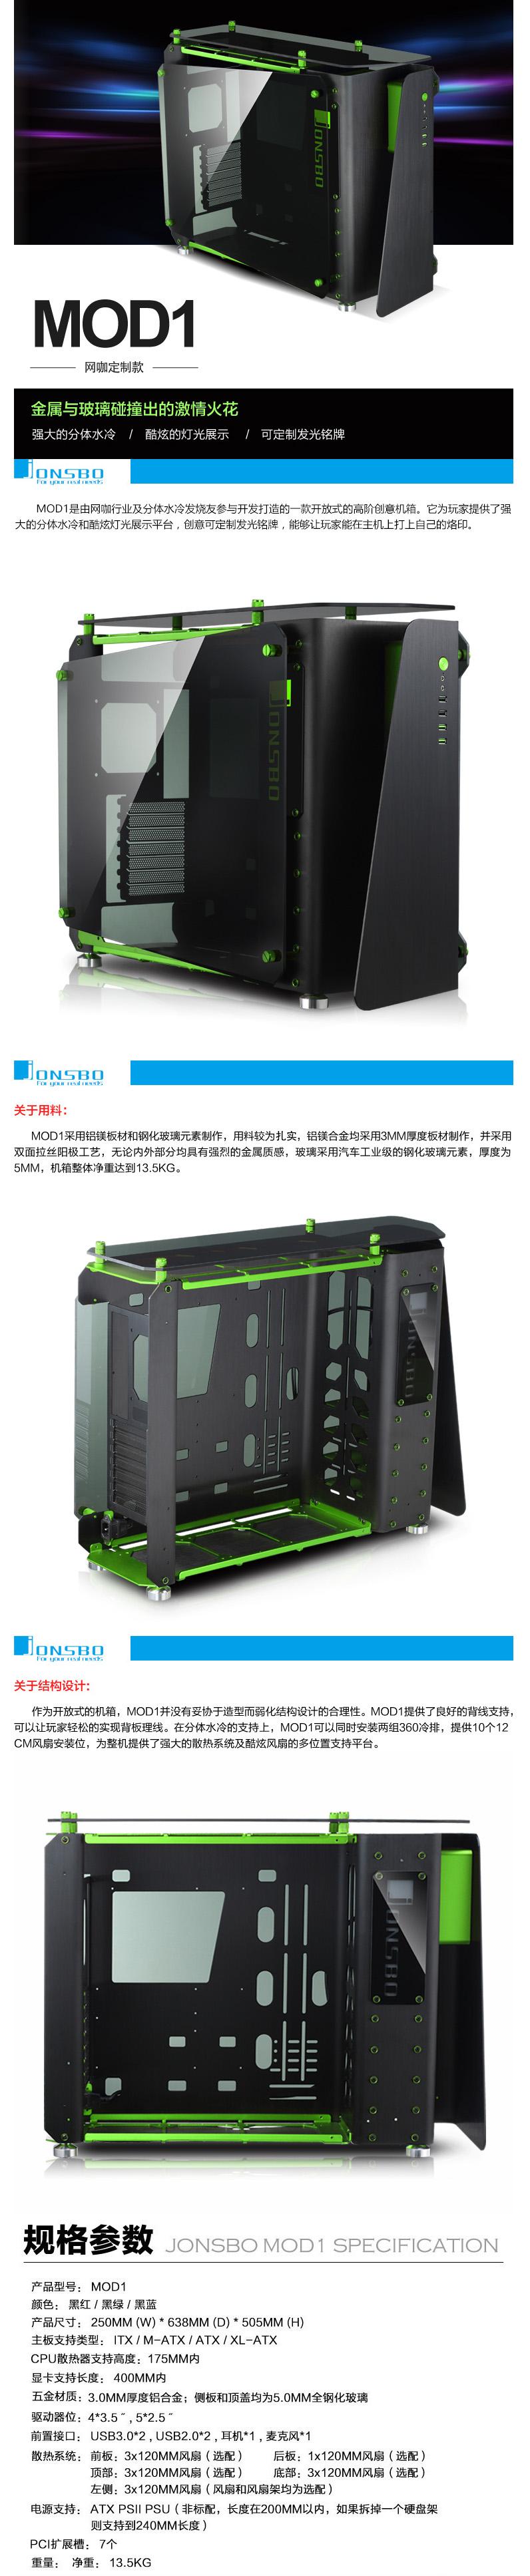 Vỏ máy tính Jonsbo MOD1 Black Green